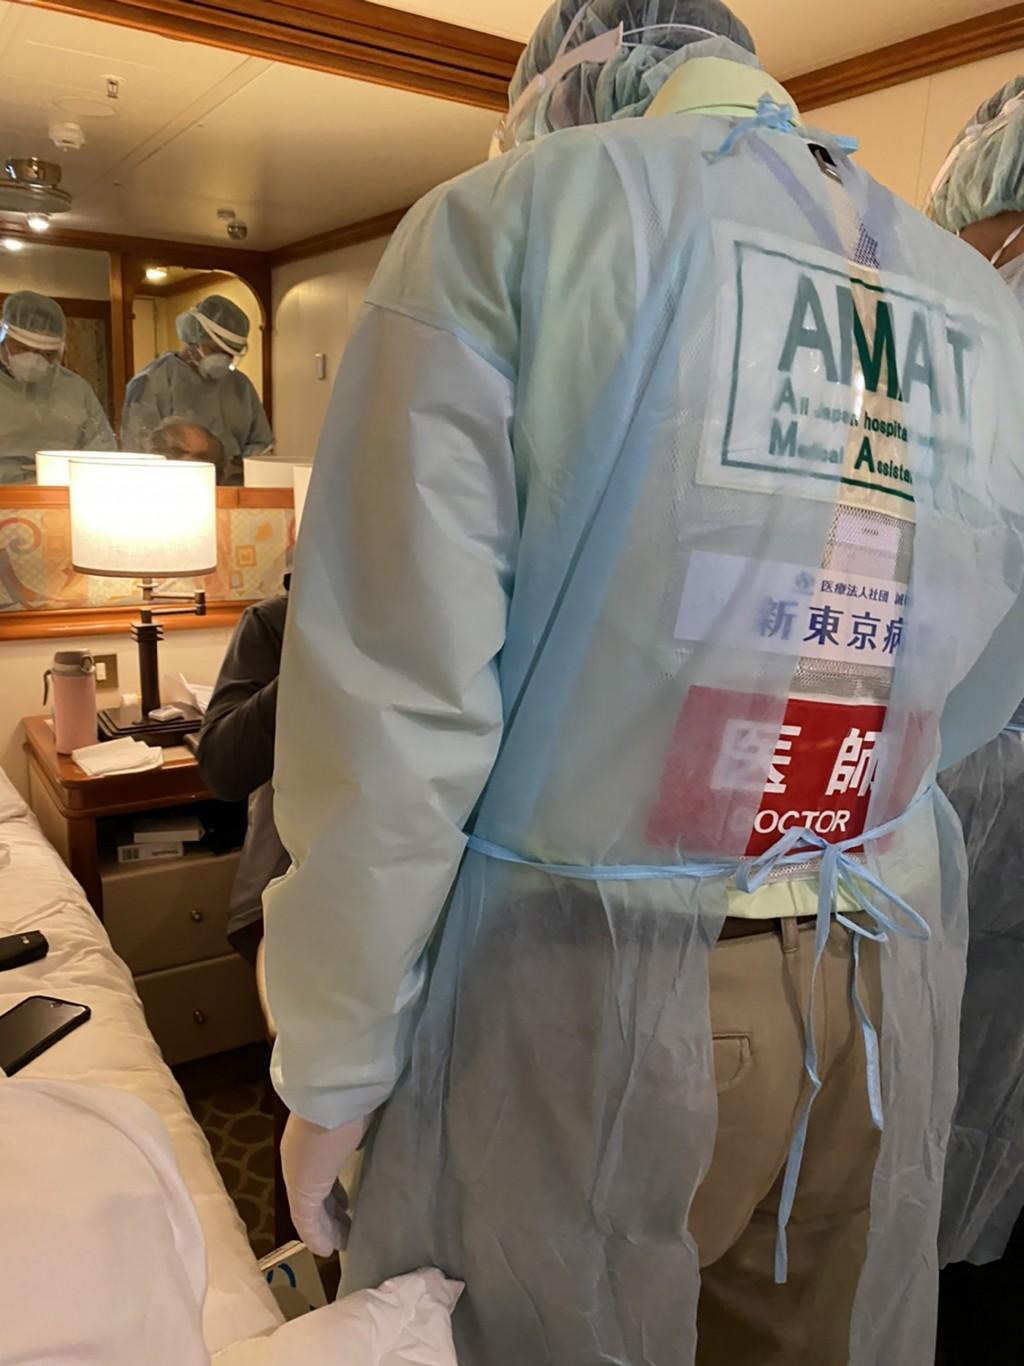 【武漢肺炎】受困「鑽石公主號」台灣85歲老先生確診、在日本住院 同船兒子回應: 將勇敢面對